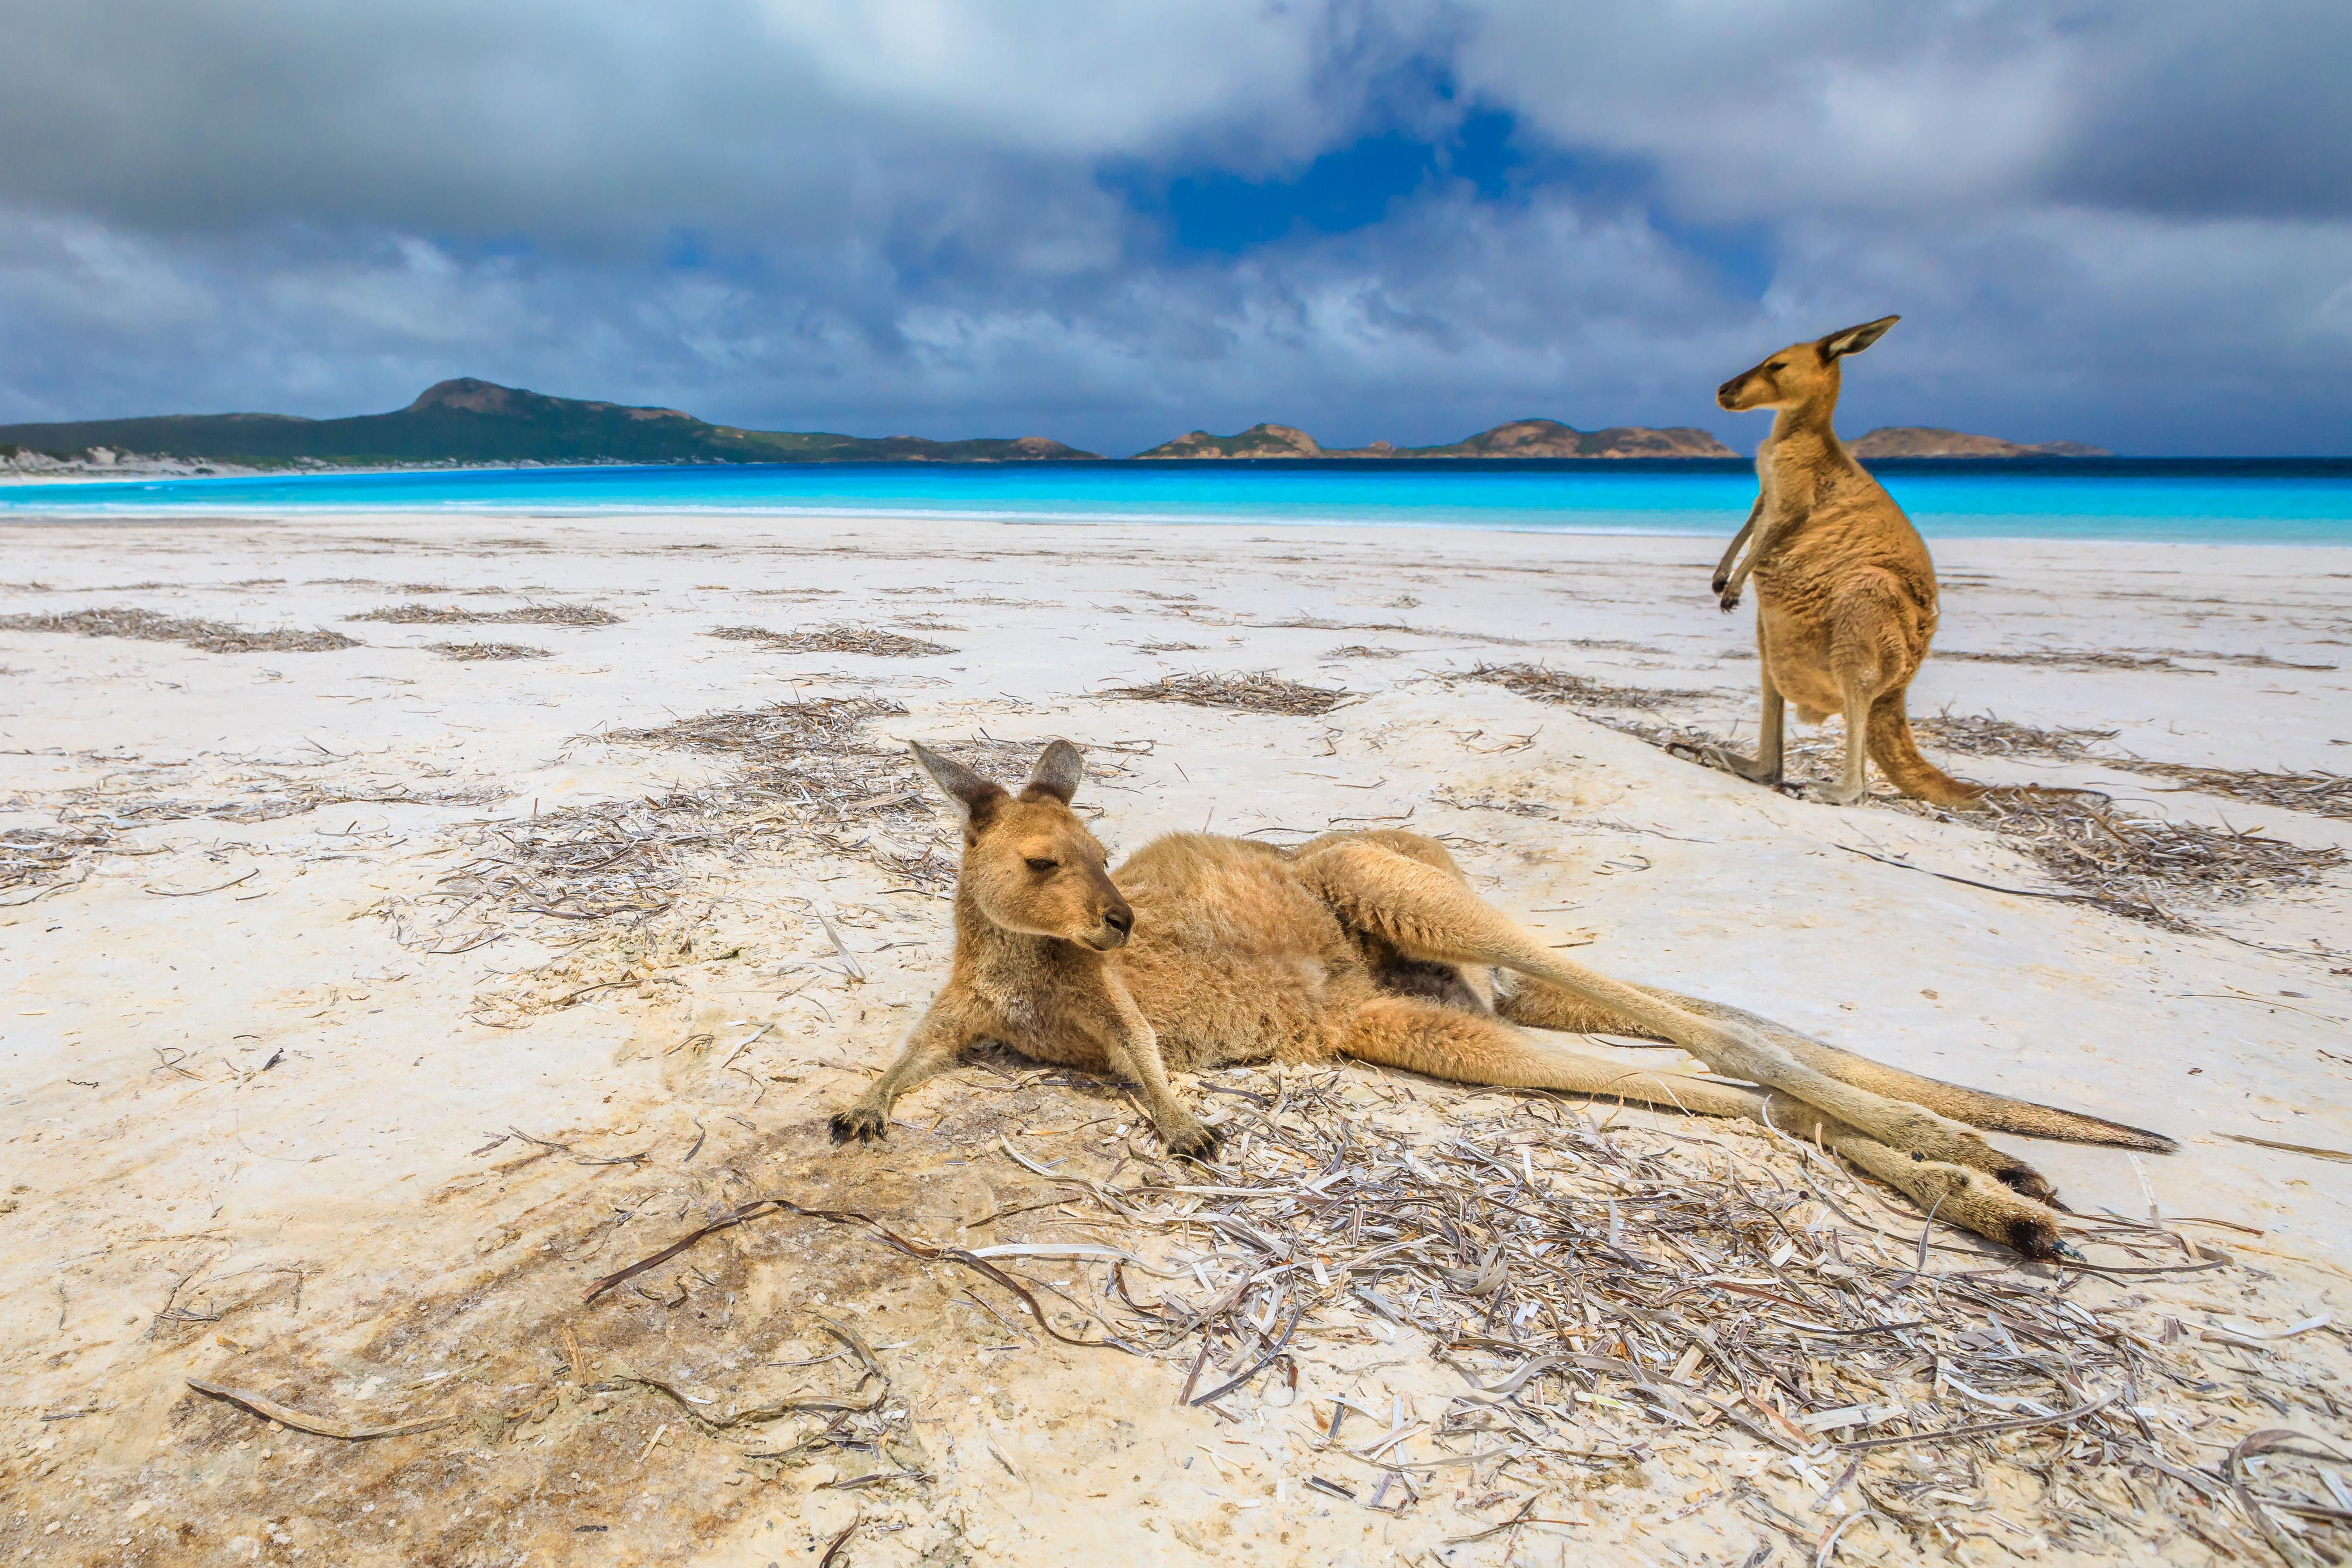 Lucky Bay en Australia Occidental ha sido calificado como uno de los mejores destinos de playa por sus aguas cristalinas y arenas blancas que se extienden hasta donde alcanza la vista. Tiene un promedio de 150.000 visitantes al año debido a su naturaleza virgen, clima maravilloso y arena extraordinaria